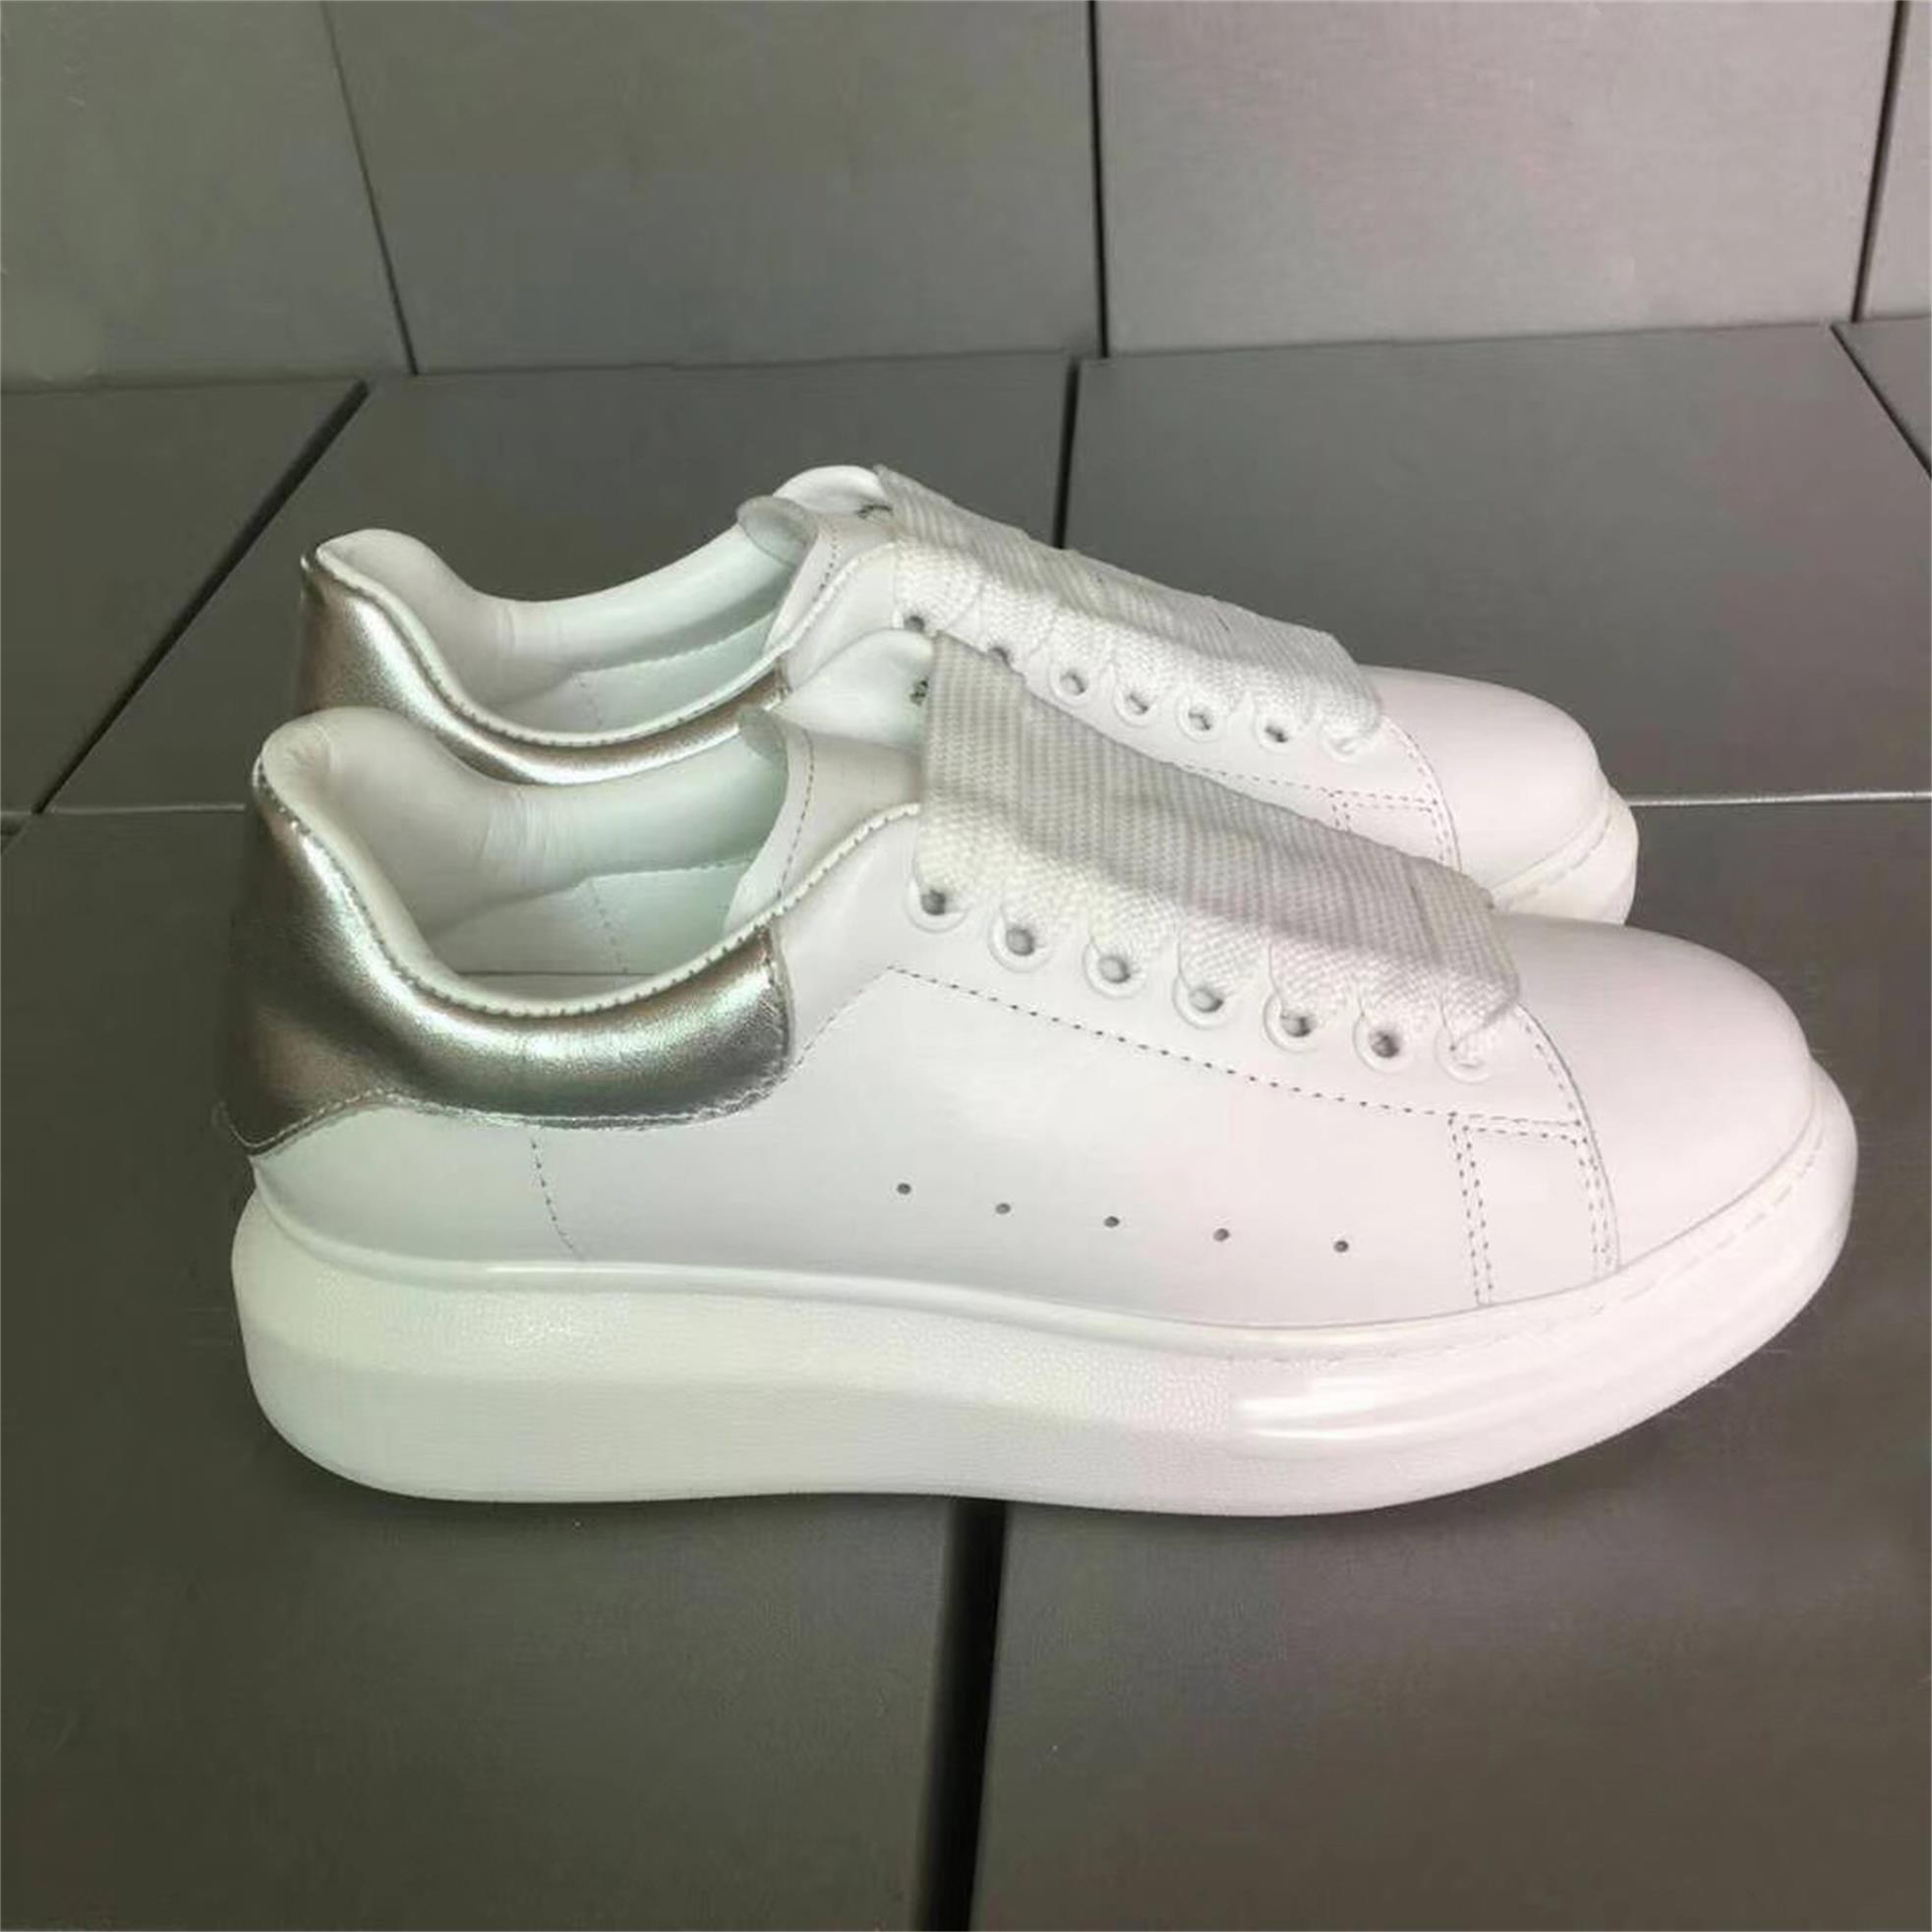 Heißer Verkauf-Qualität Fashion Luxury Designer Frauen Freizeitschuhe Echtes Leder Mit Seriennummer Turnschuhe Chaussures Sport Trainer 36-46